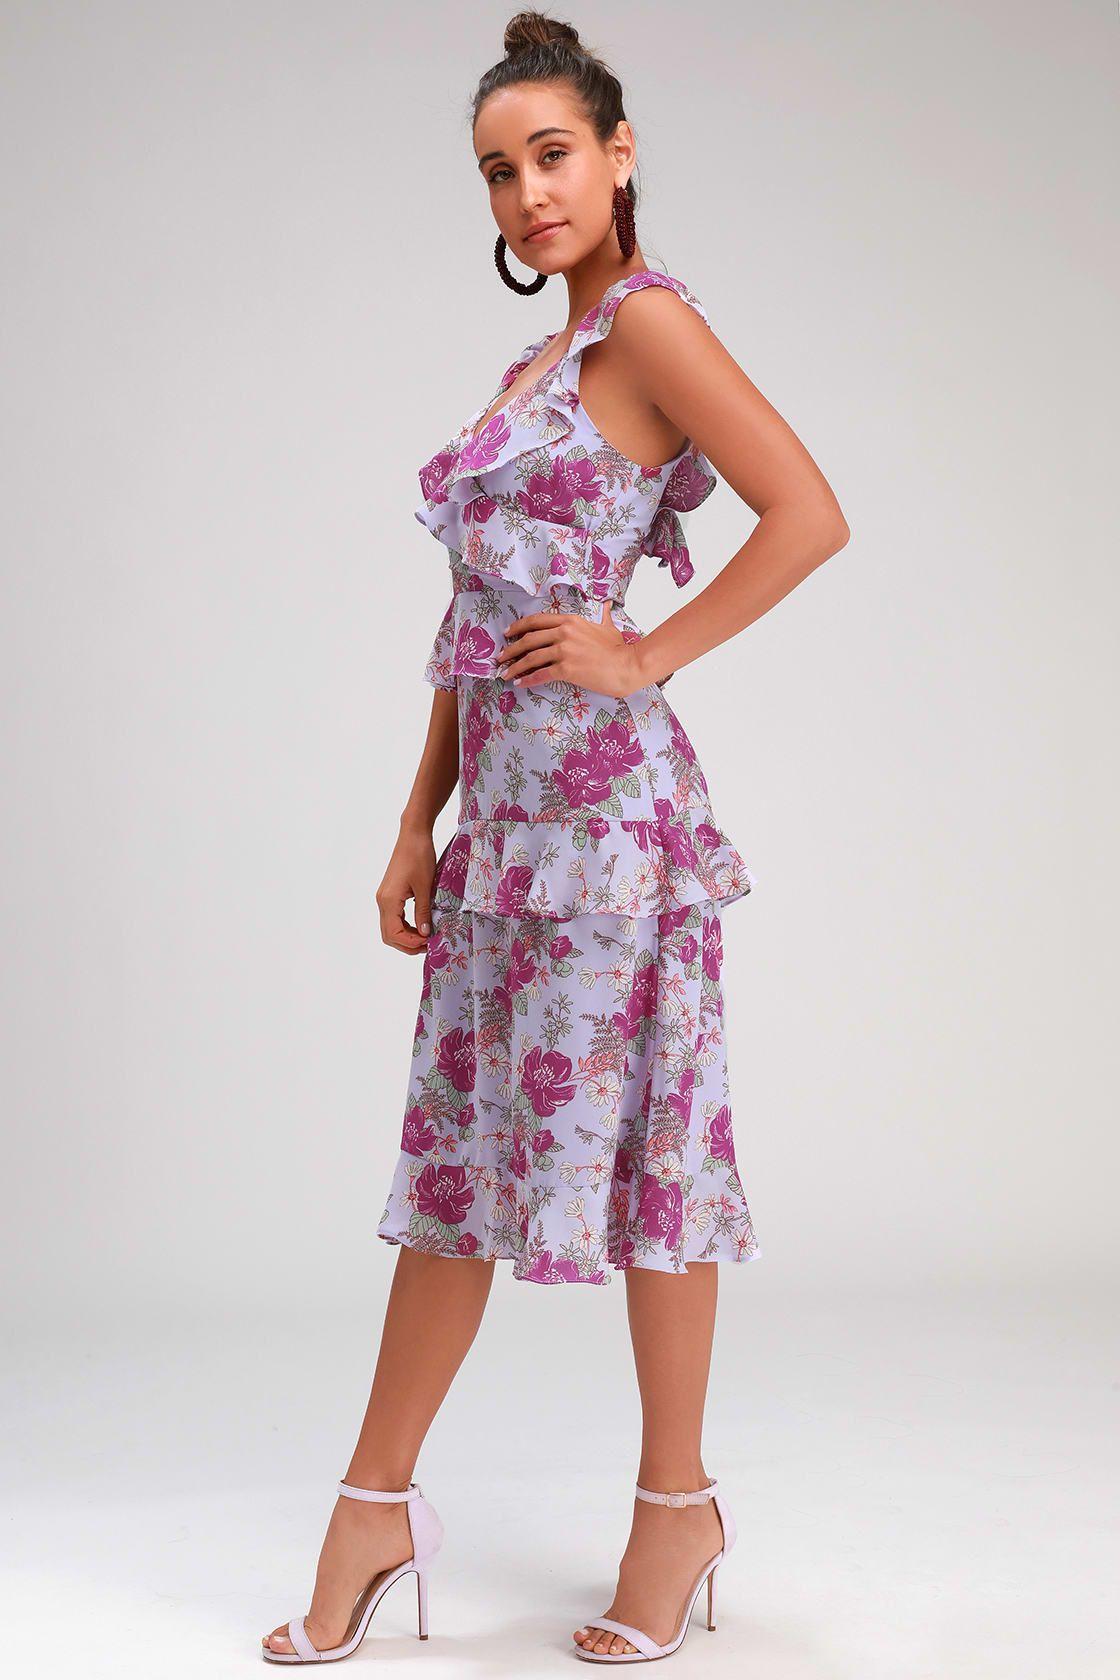 fba8b9a74d1e Lulus | Fleur-Evermore Lavender Floral Print Ruffled Midi Dress ...